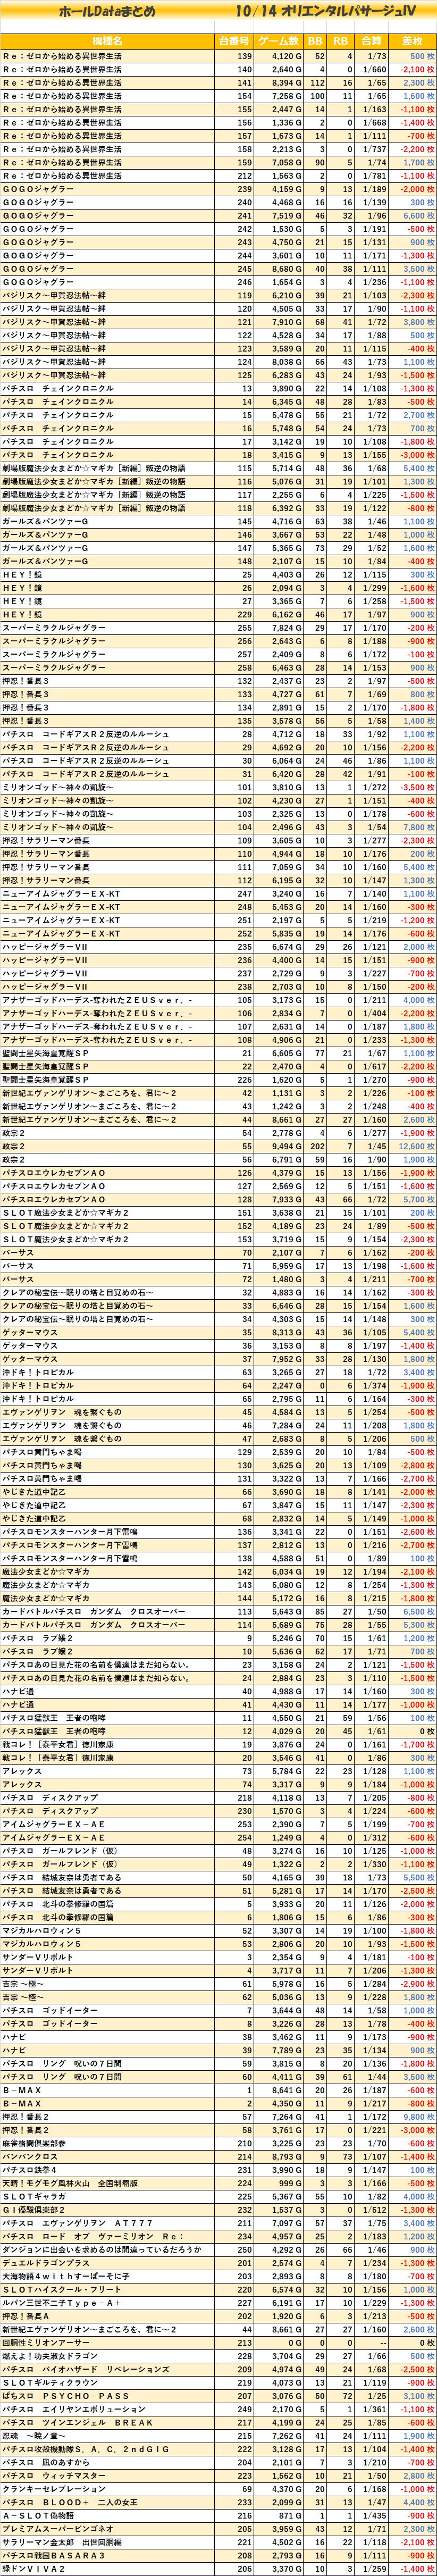 1014オリエンタルパサージュIV_個別